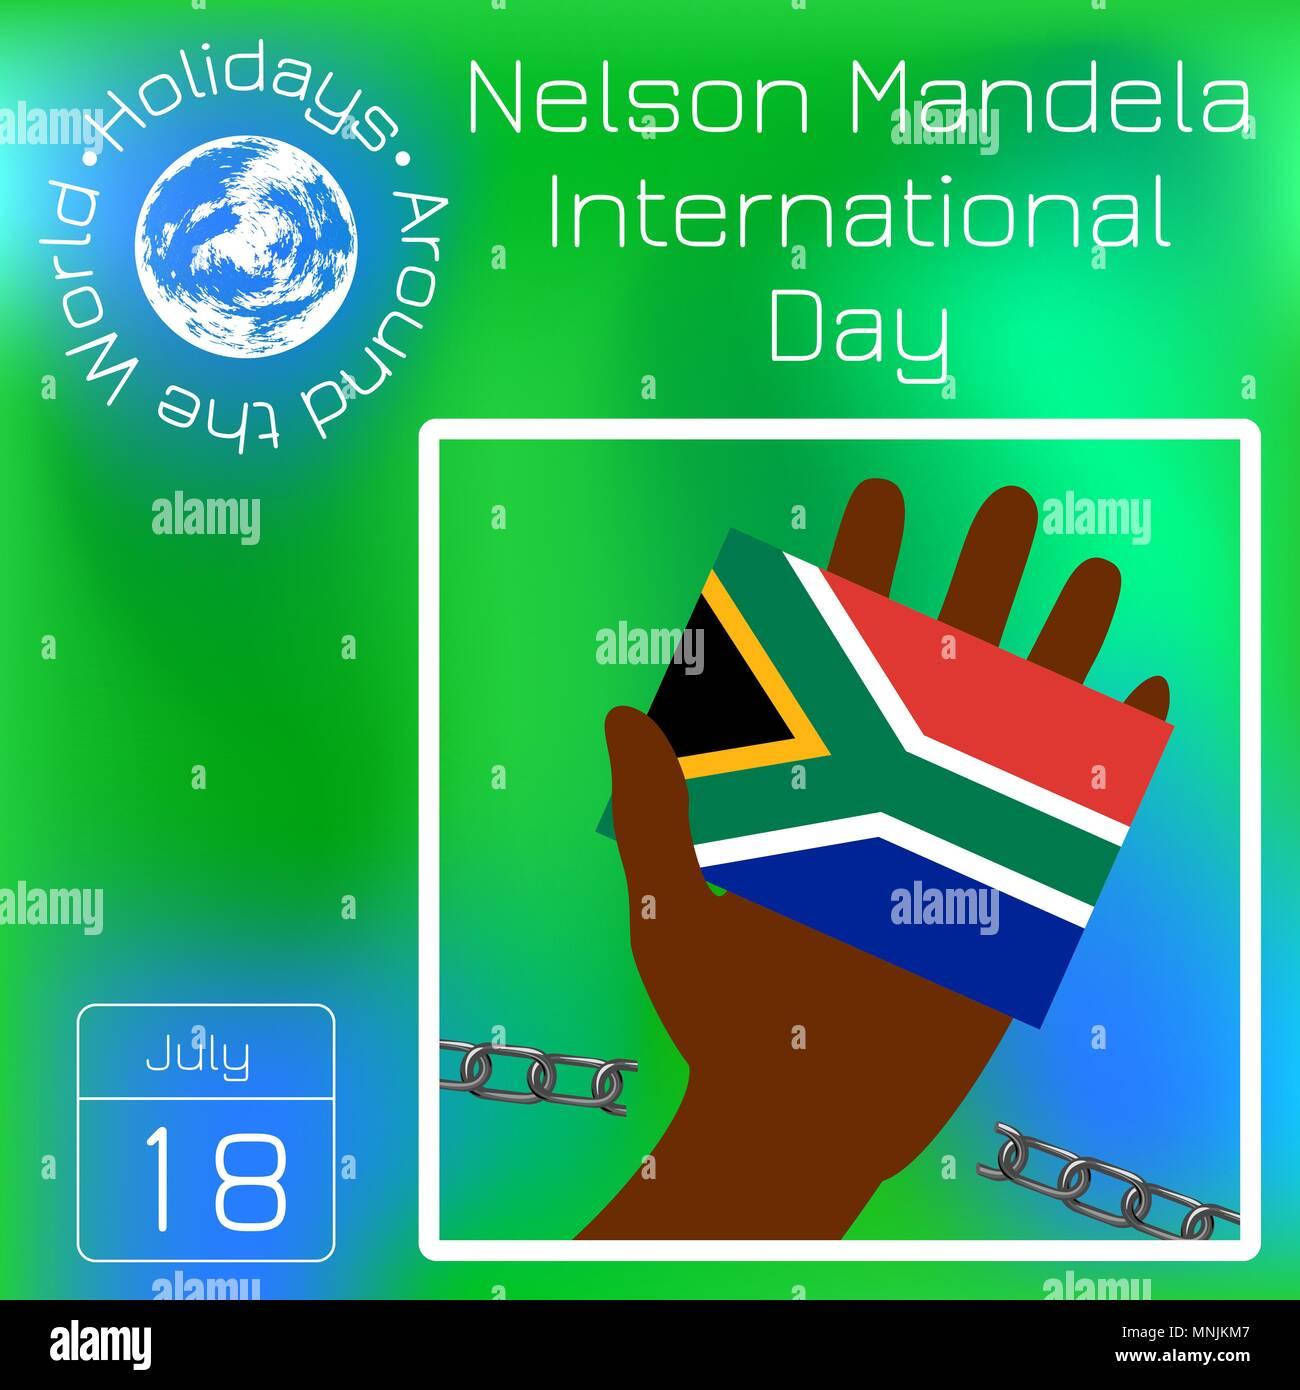 Calendario Internazionale.Nelson Mandela Giornata Internazionale 18 Luglio Il